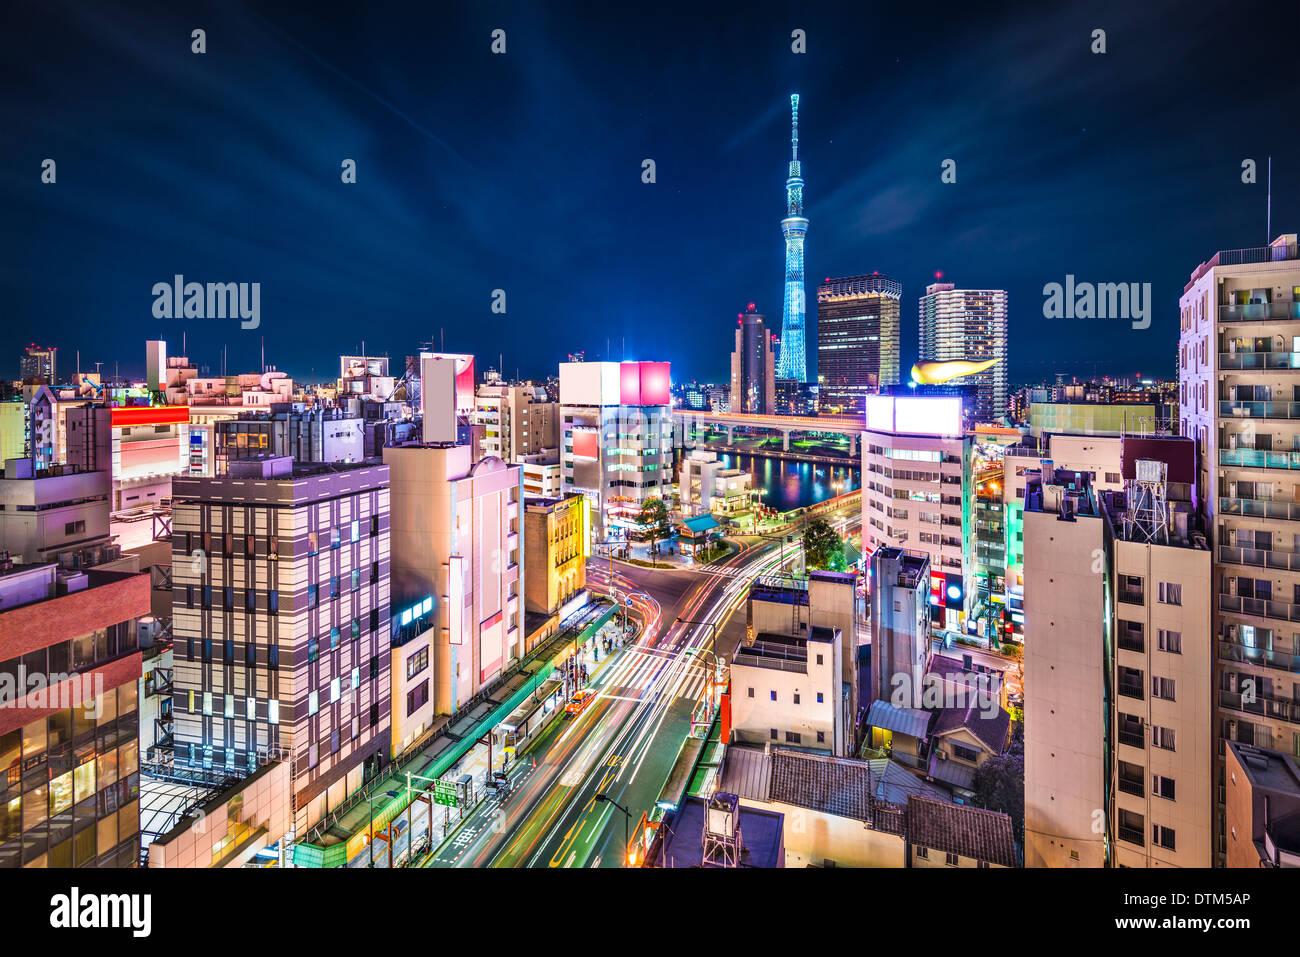 Tokyo, Giappone antenna cityscape cityscape oltre Sumida e Taito reparti. Immagini Stock